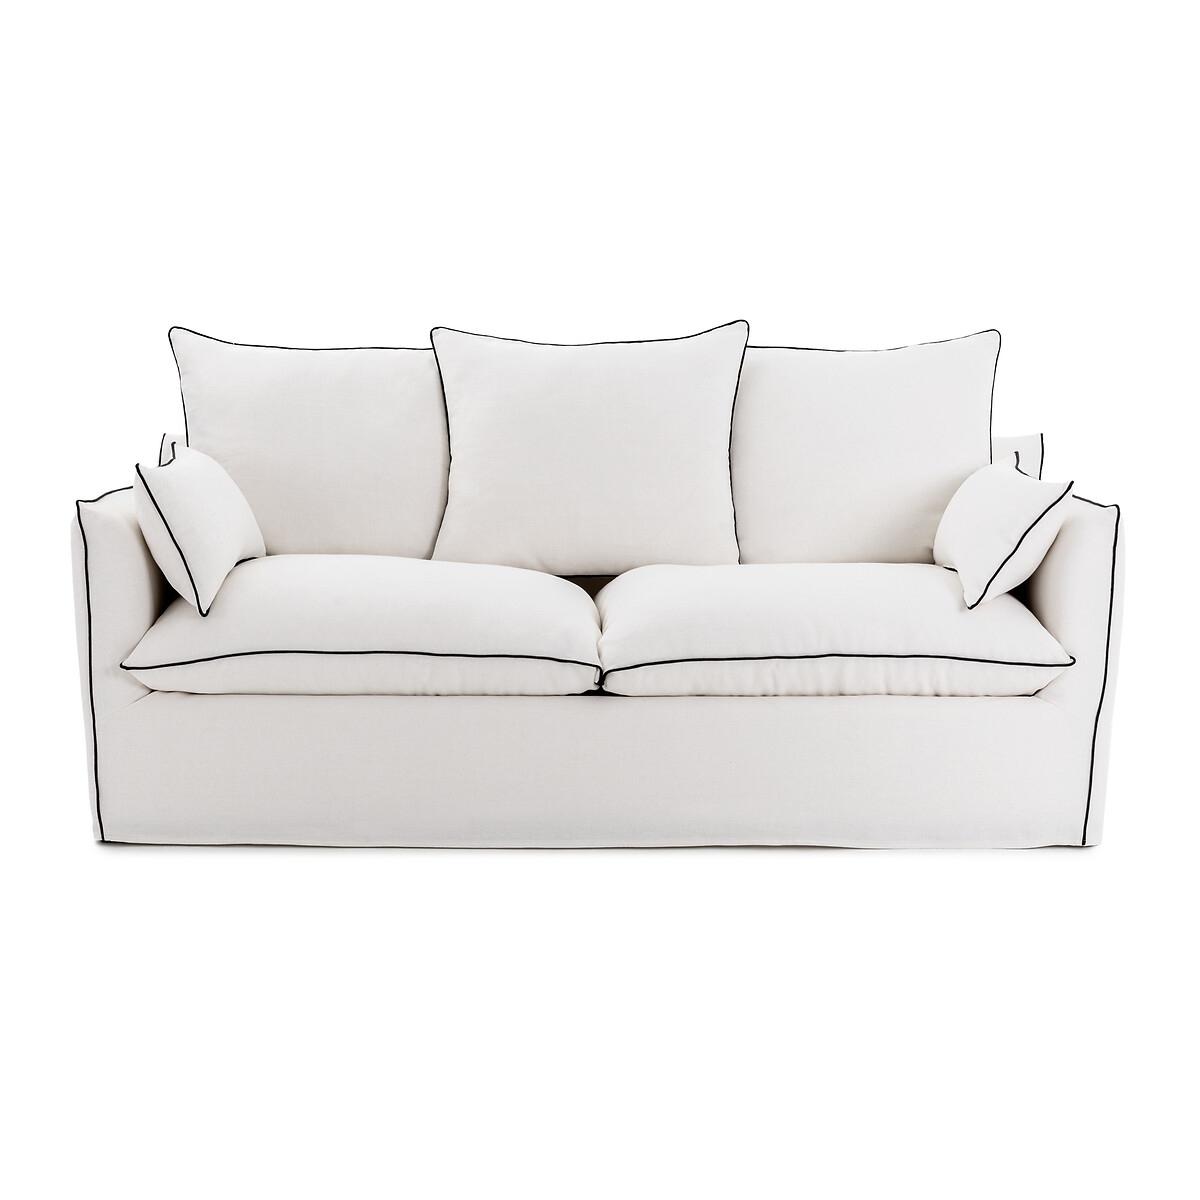 Canapé d'angle 5 places Noir Tissu Confort